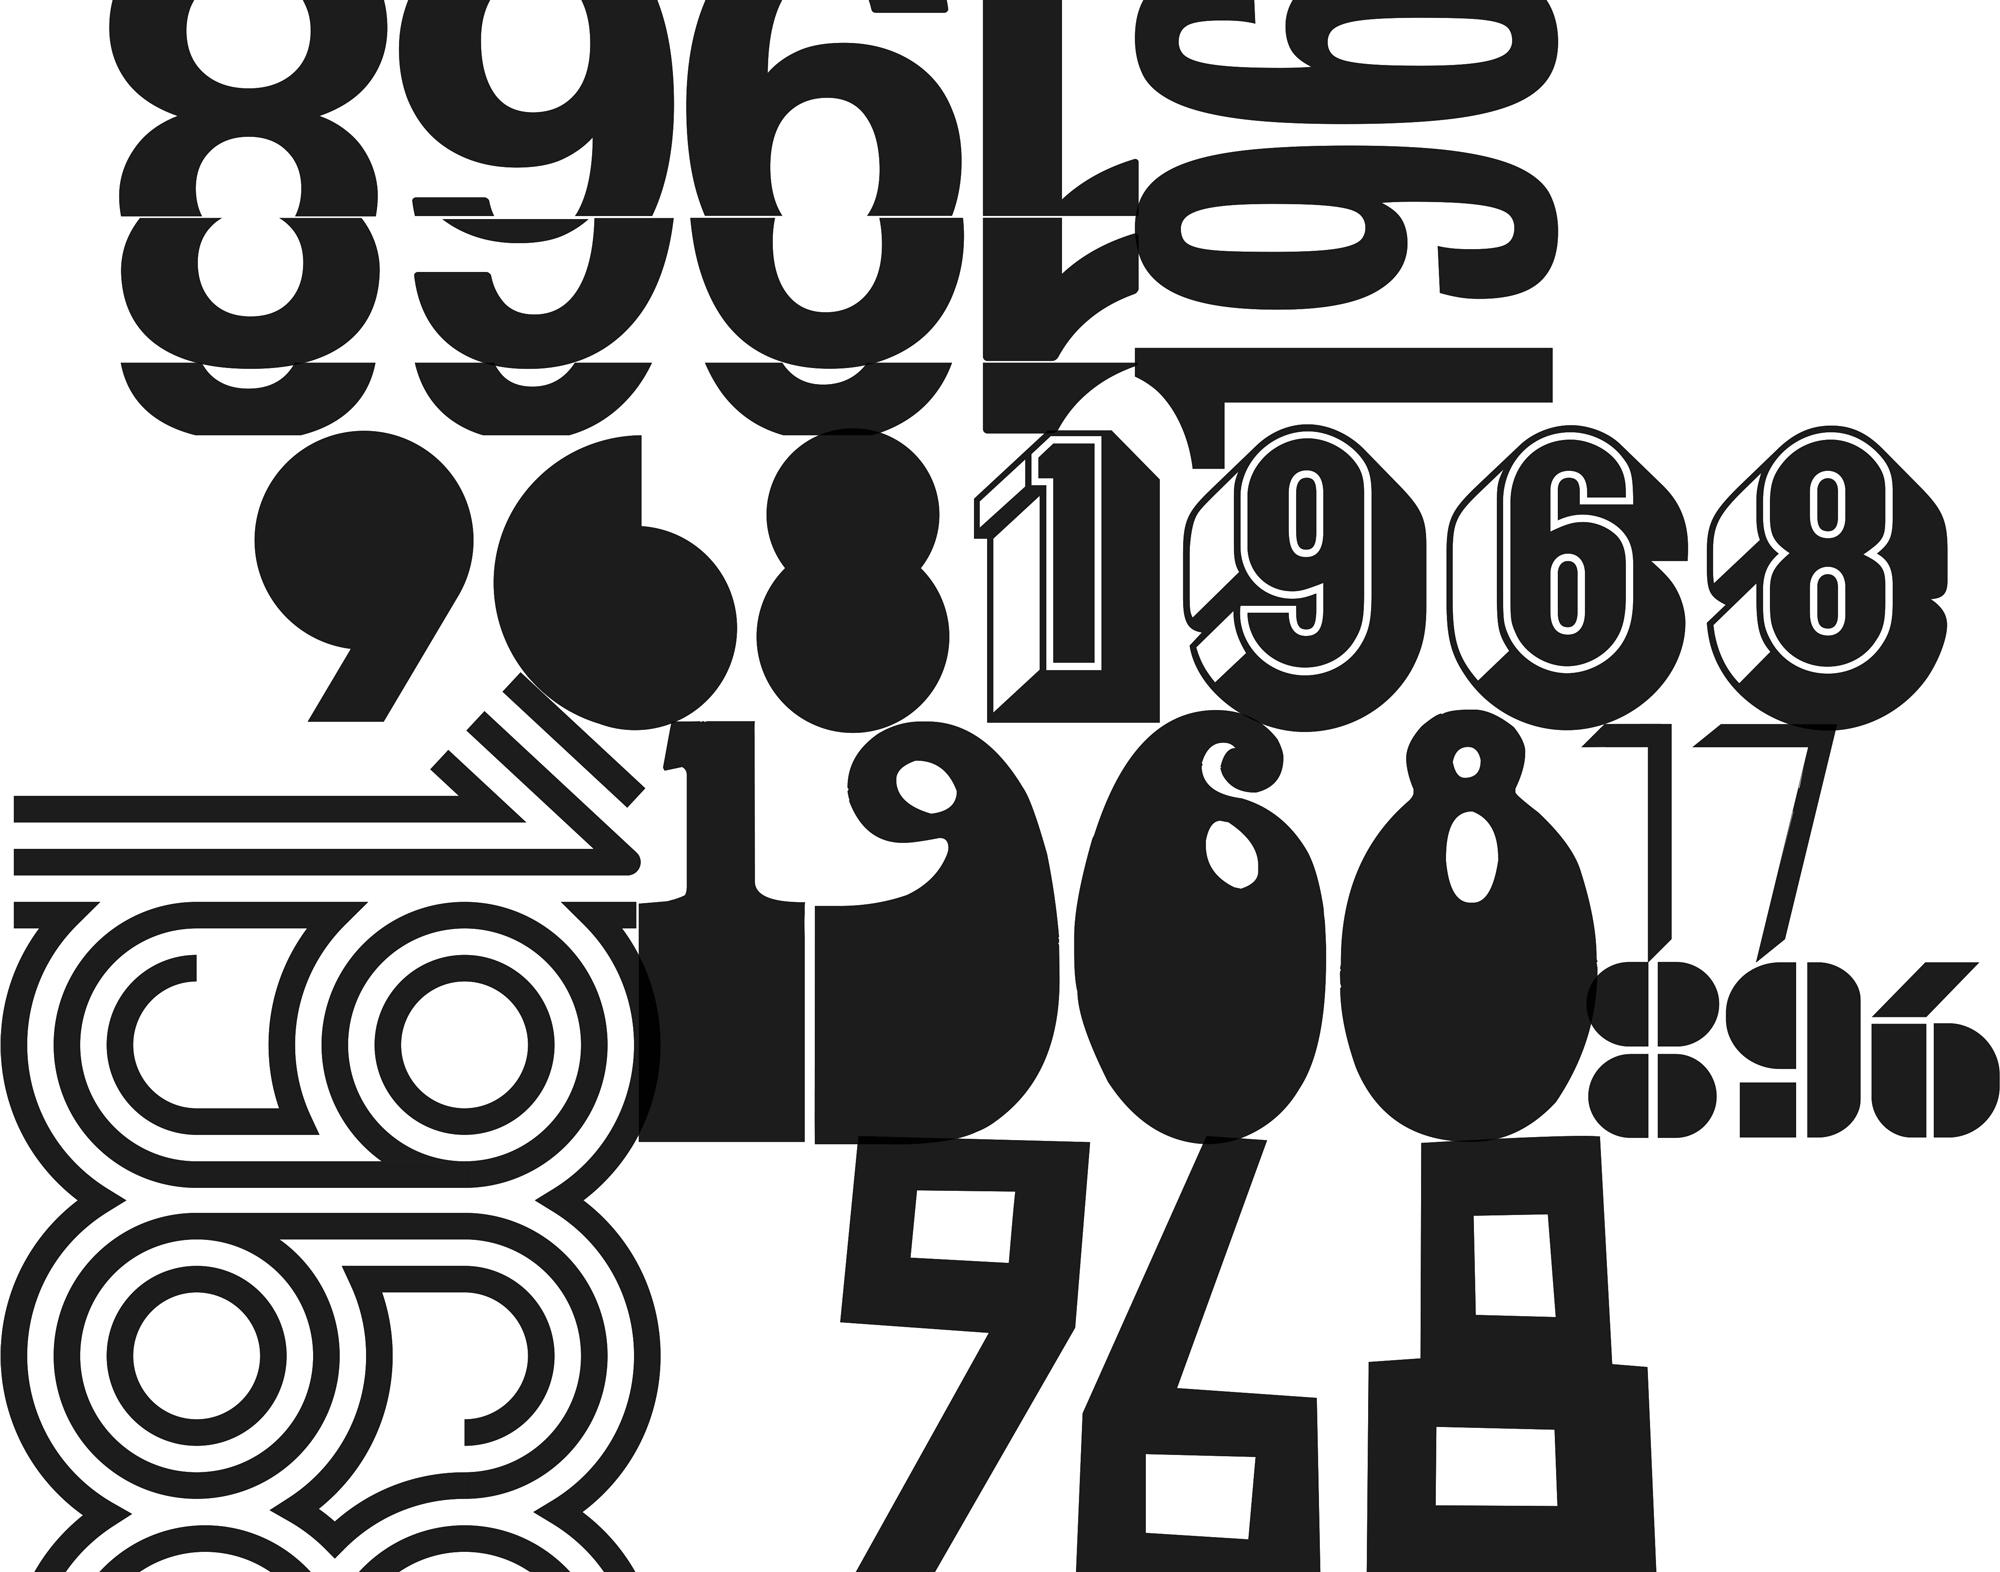 2018_1968-un-anno_Tipografia